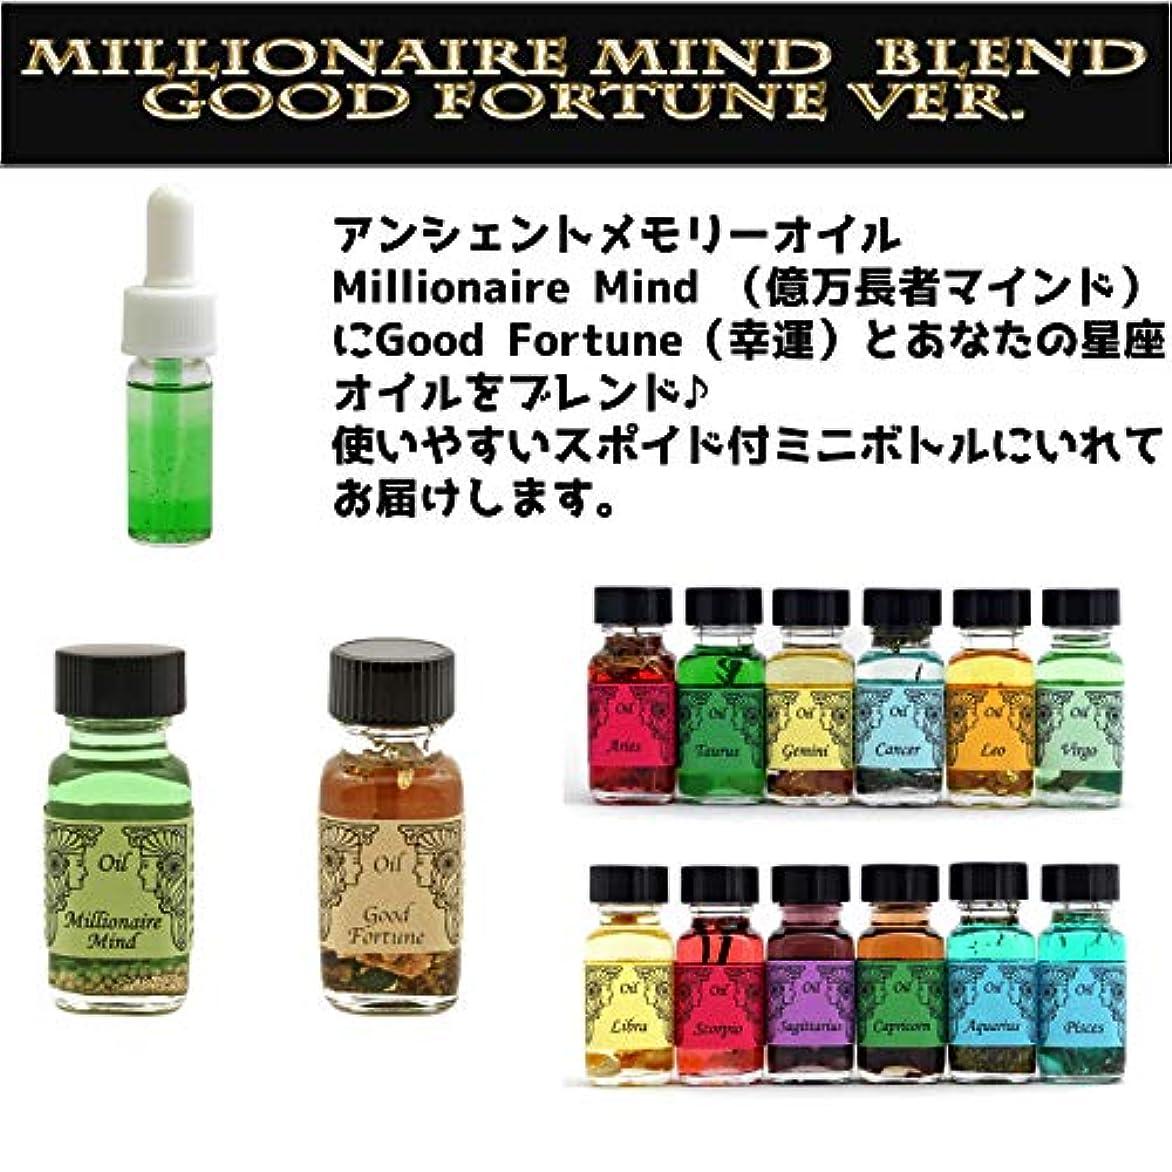 アンシェントメモリーオイル Millionaire Mind 億万長者マインド ブレンド【Good Fortune グッドフォーチュン 幸運&さそり座】